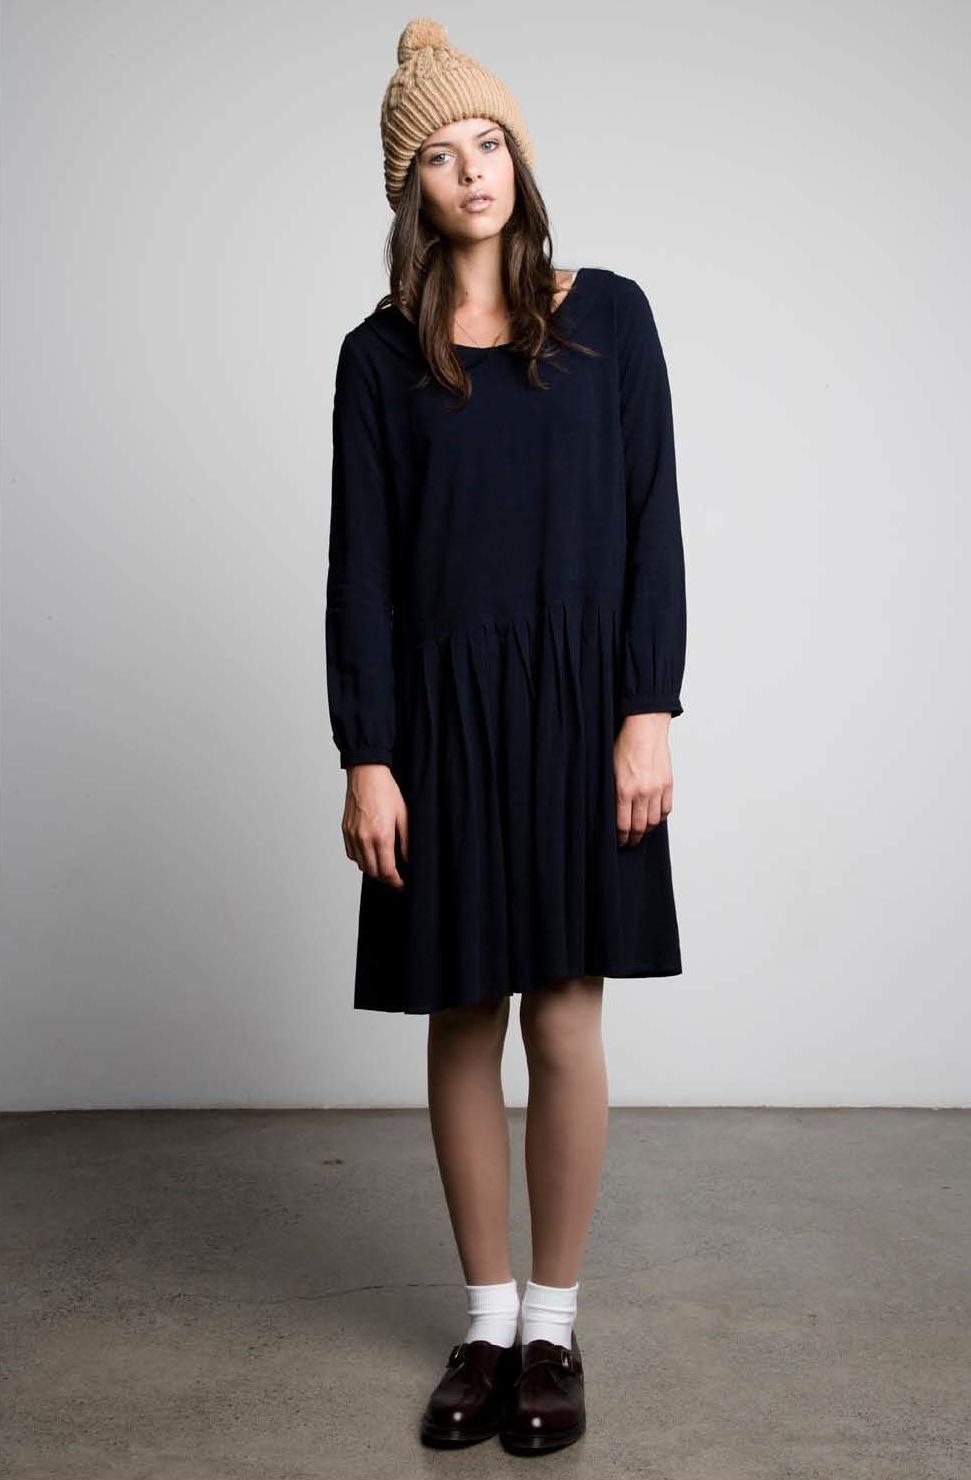 Nine Lives AW 2012-13 NLAW15 KATHERINE PULLOVER DRESS stella telegraph top 50 found bath boutique designer shop vogue top 100 glamour magazine